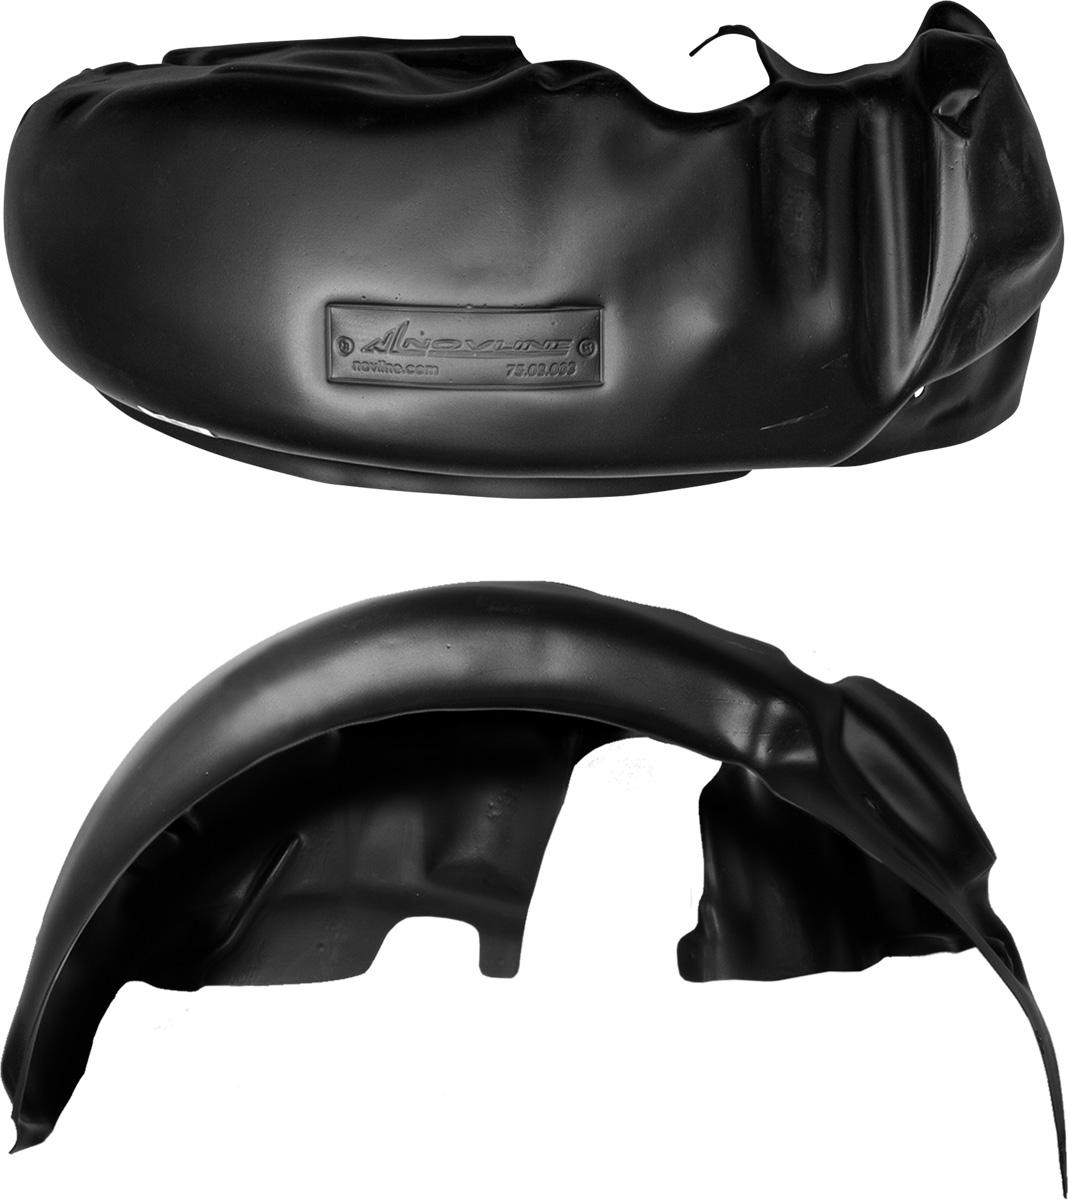 Подкрылок Novline-Autofamily, для Nissan Tiida 2010-2015, задний левыйNLL.36.39.003Колесные ниши - одни из самых уязвимых зон днища вашего автомобиля. Они постоянно подвергаются воздействию со стороны дороги. Лучшая, почти абсолютная защита для них - специально отформованные пластиковые кожухи, которые называются подкрылками. Производятся они как для отечественных моделей автомобилей, так и для иномарок. Подкрылки Novline-Autofamily выполнены из высококачественного, экологически чистого пластика. Обеспечивают надежную защиту кузова автомобиля от пескоструйного эффекта и негативного влияния, агрессивных антигололедных реагентов. Пластик обладает более низкой теплопроводностью, чем металл, поэтому в зимний период эксплуатации использование пластиковых подкрылков позволяет лучше защитить колесные ниши от налипания снега и образования наледи. Оригинальность конструкции подчеркивает элегантность автомобиля, бережно защищает нанесенное на днище кузова антикоррозийное покрытие и позволяет осуществить крепление подкрылков внутри колесной арки практически без дополнительного крепежа и сверления, не нарушая при этом лакокрасочного покрытия, что предотвращает возникновение новых очагов коррозии. Подкрылки долговечны, обладают высокой прочностью и сохраняют заданную форму, а также все свои физико-механические характеристики в самых тяжелых климатических условиях (от -50°С до +50°С).Уважаемые клиенты!Обращаем ваше внимание, на тот факт, что подкрылок имеет форму, соответствующую модели данного автомобиля. Фото служит для визуального восприятия товара.